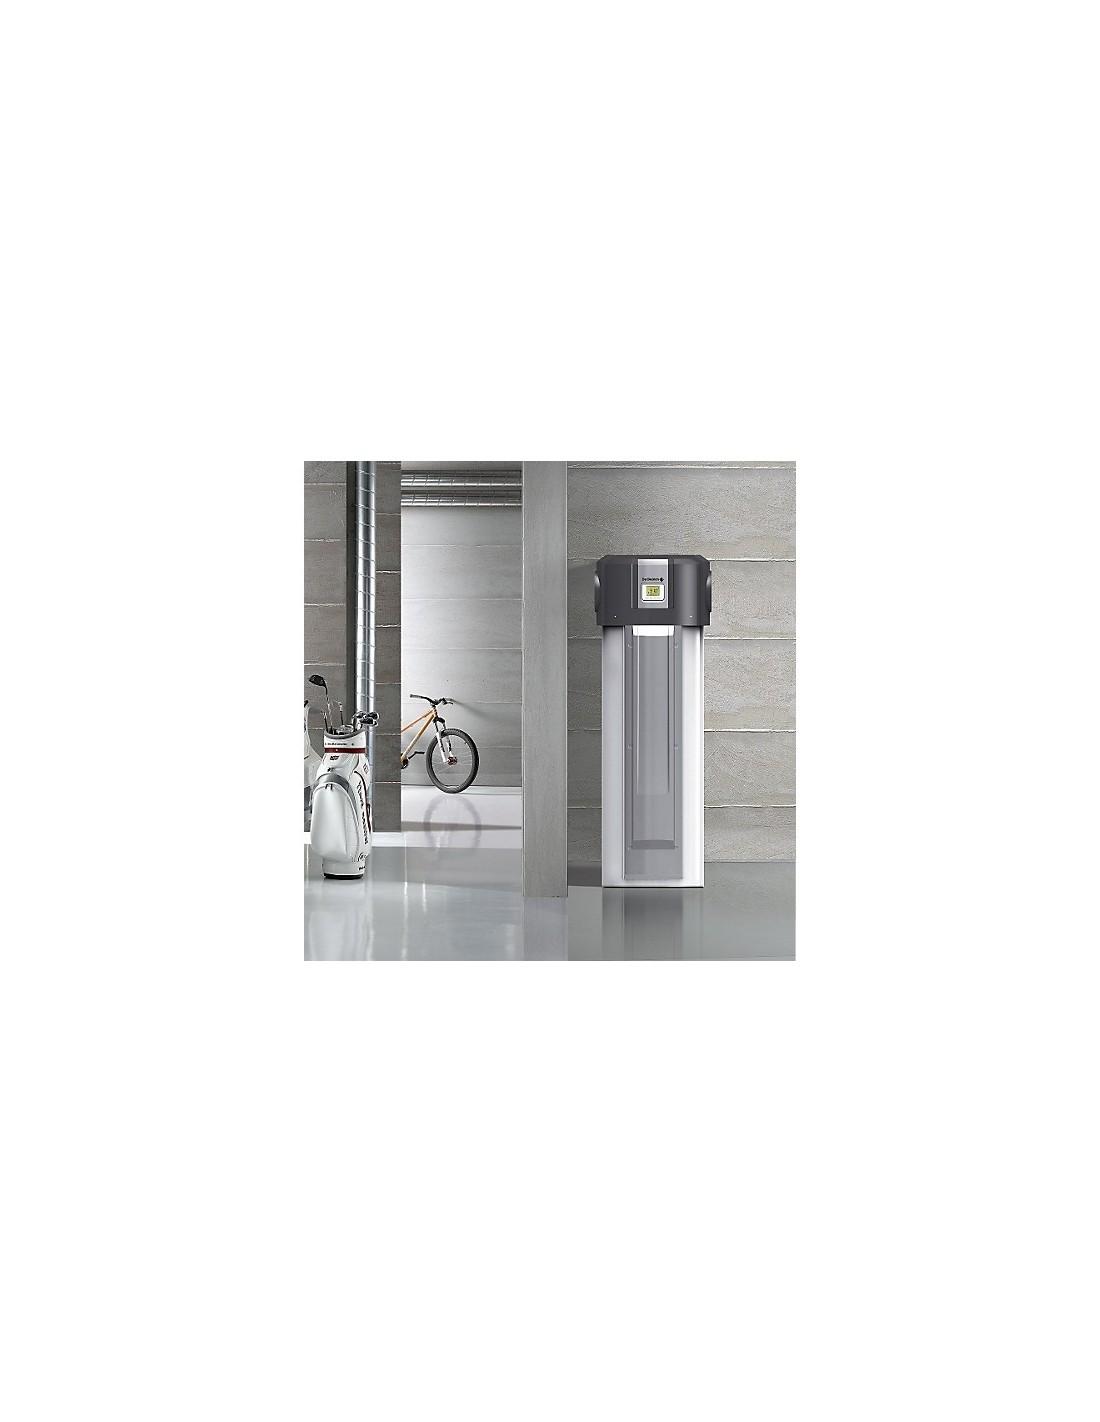 Chauffe eau thermodynamique 300 litres kaliko twh 300e ebay - Chauffe eau thermodynamique cop ...